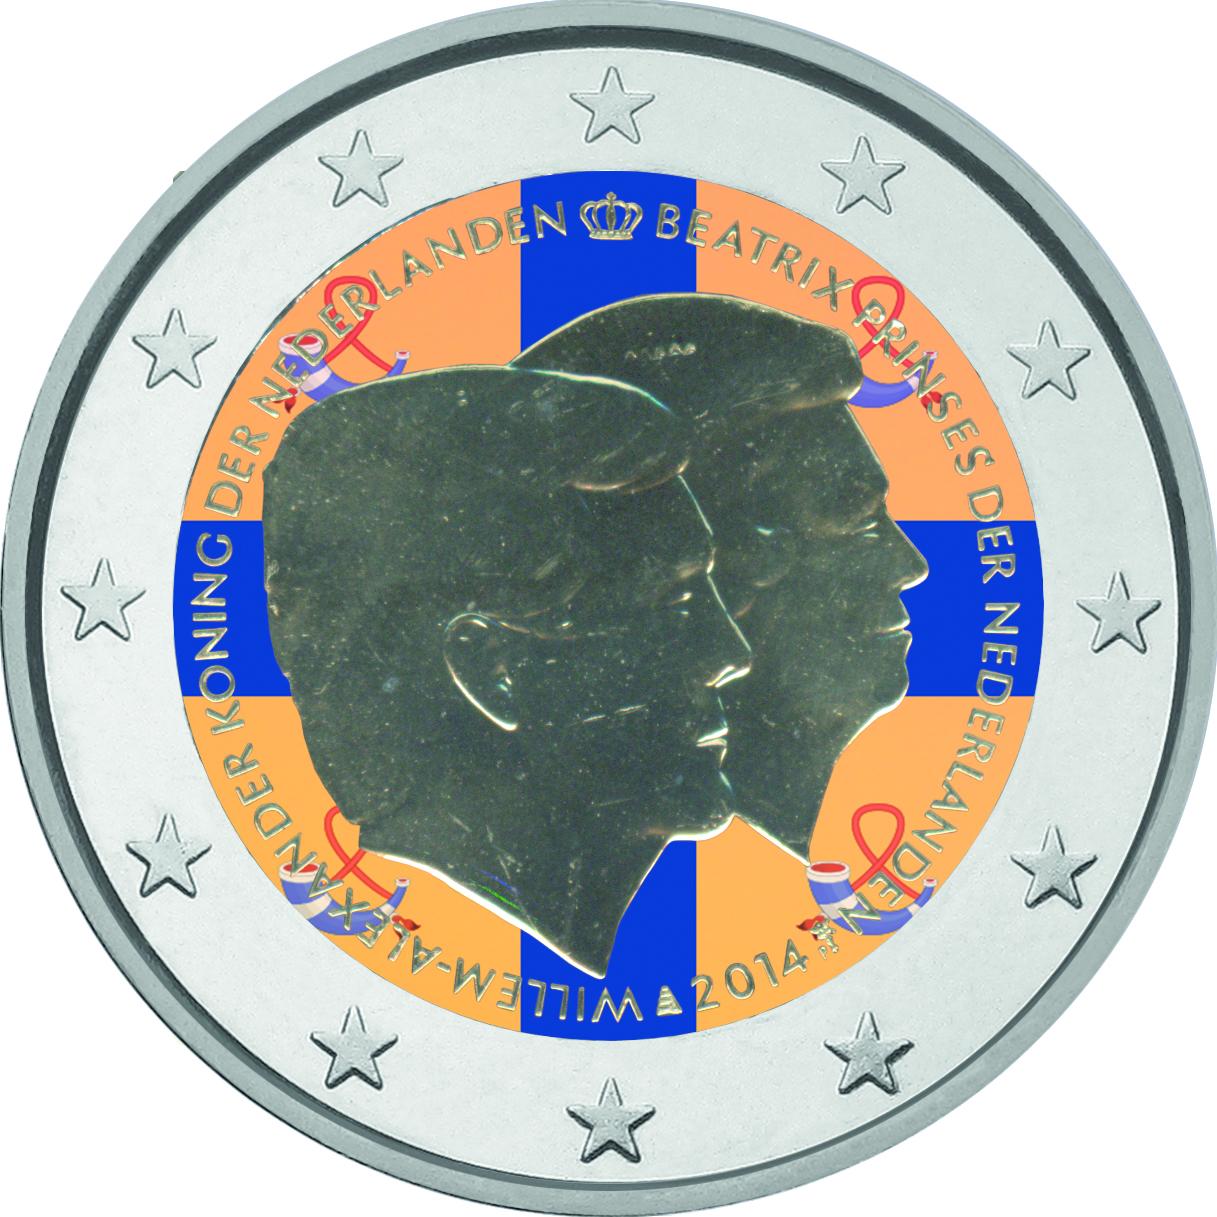 2 Ευρώ, Έγχρωμο, Ολλανδία, Διπλό Πορτραίτο, 2014 2 ευρώ